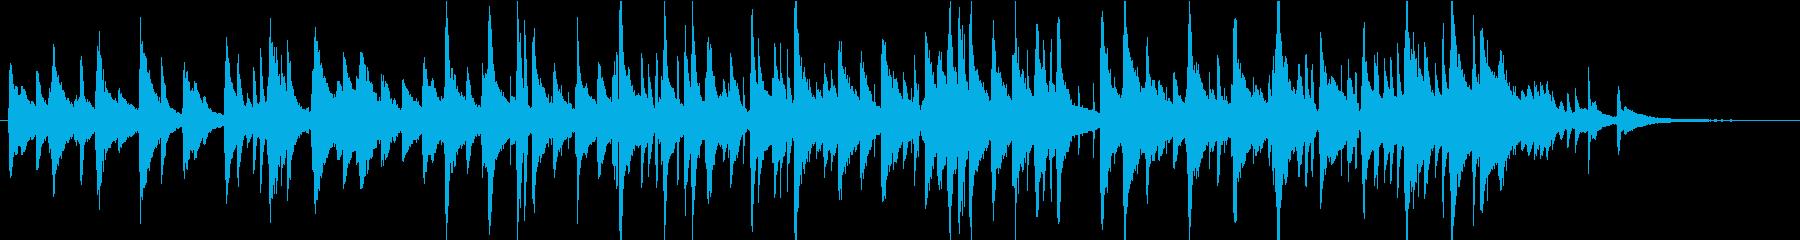 おやすみ前のジャズバラード、ピアノトリオの再生済みの波形